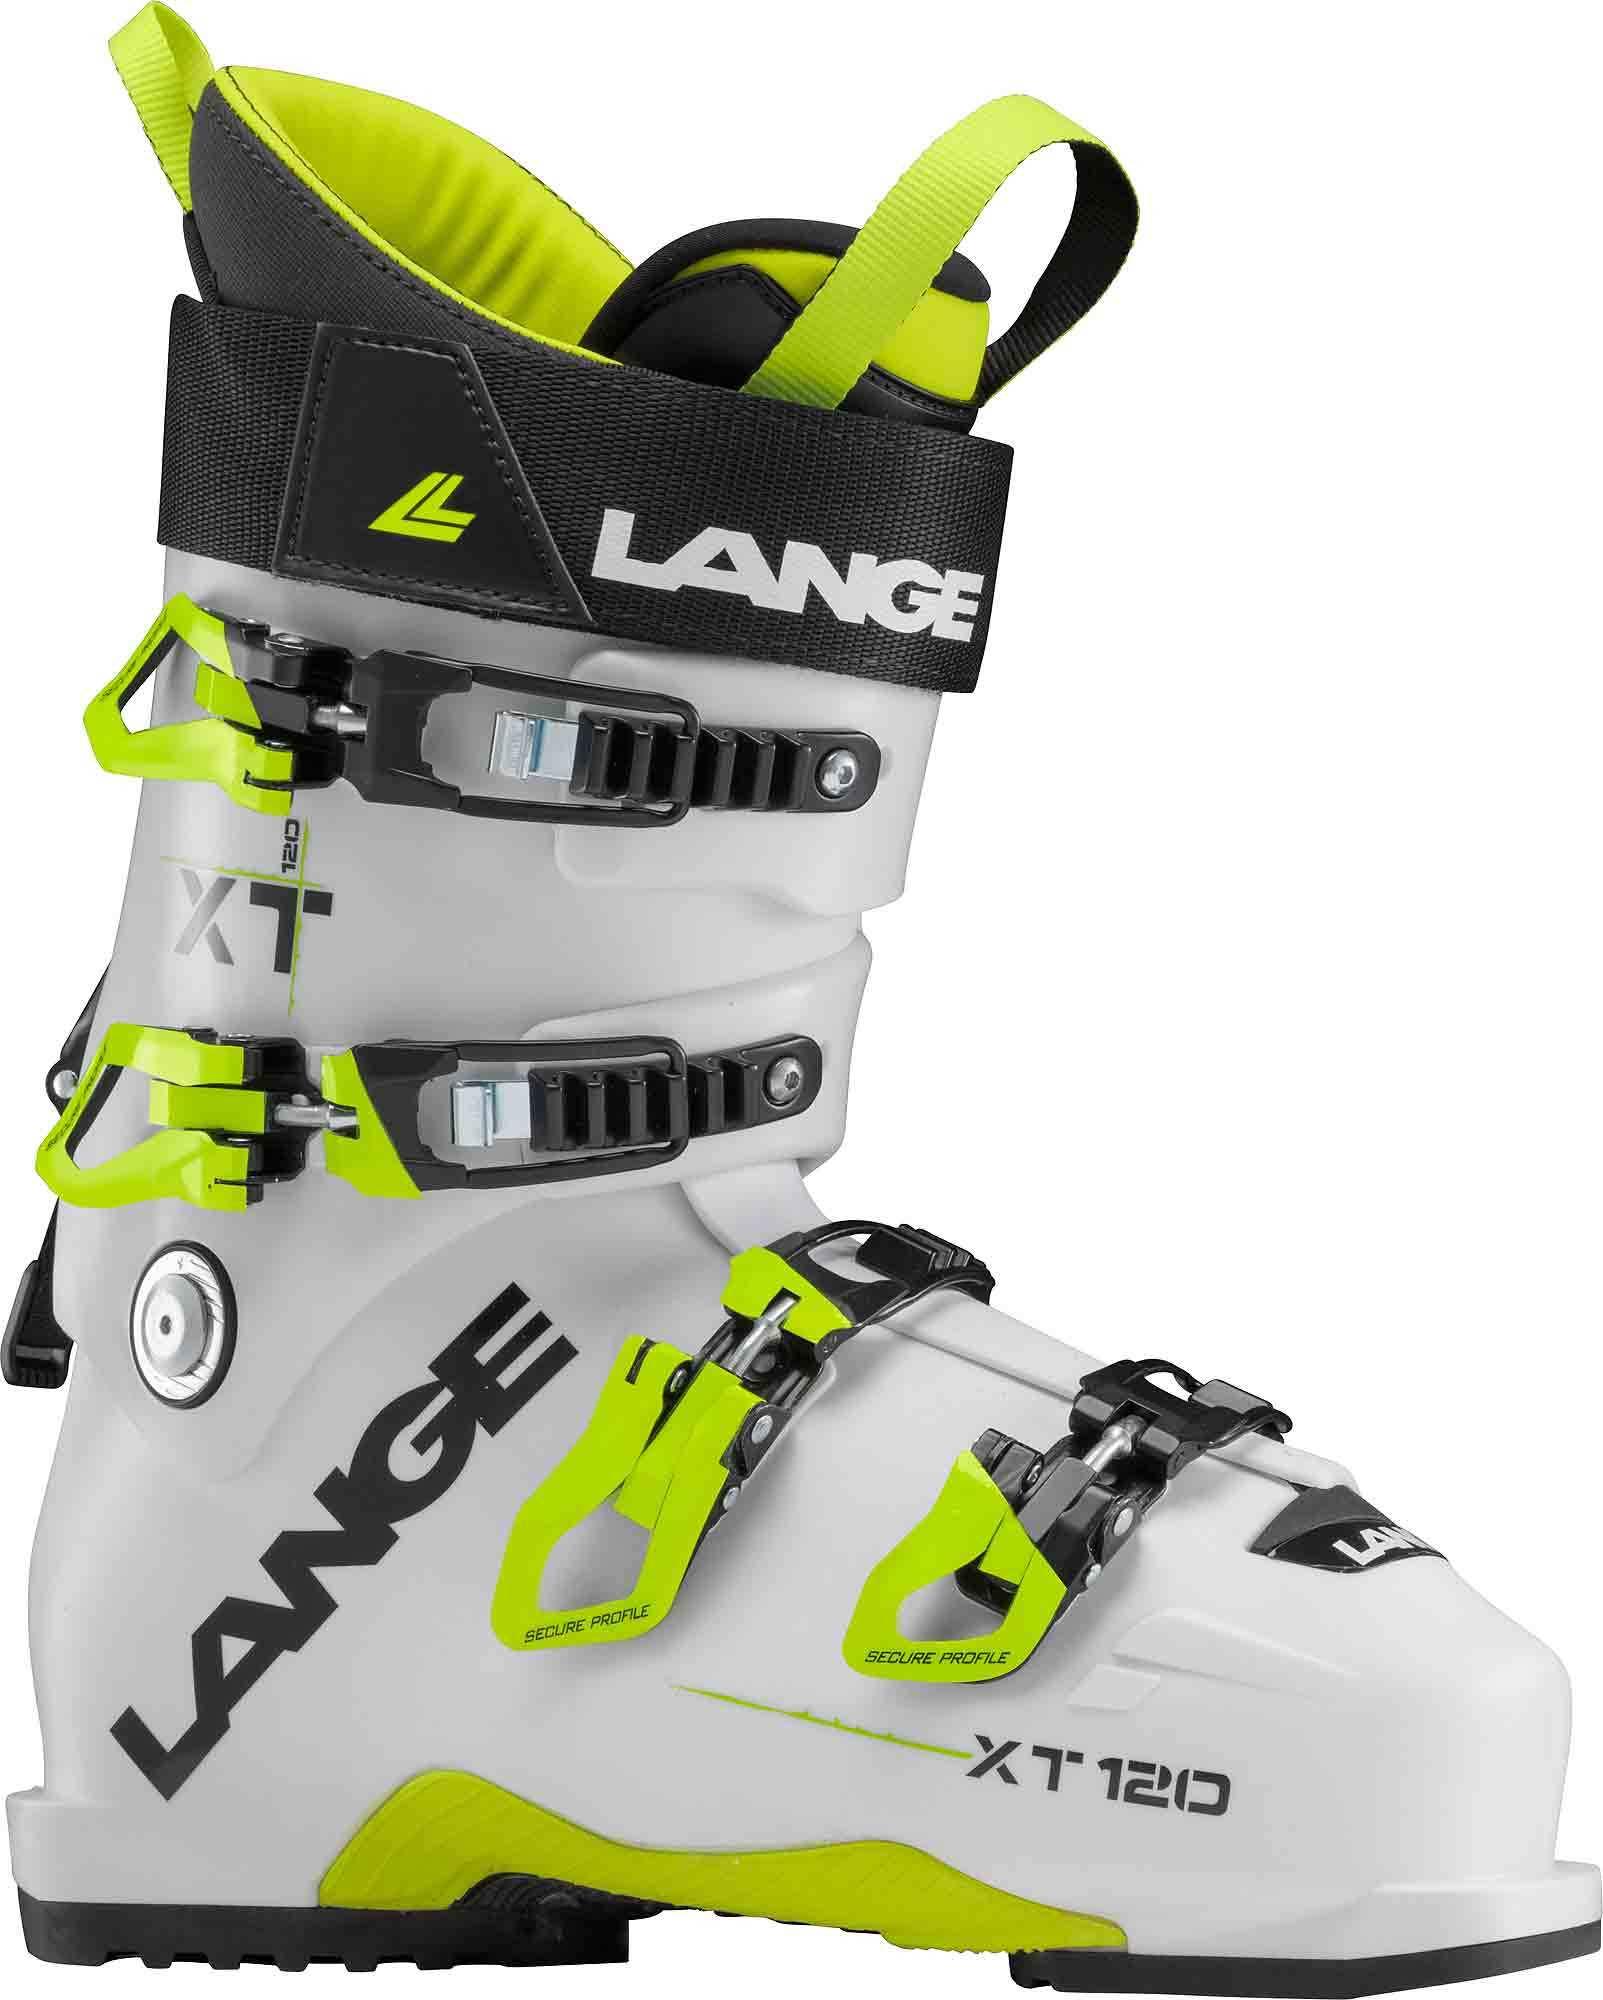 Chaussures De Ski Xt 120 Homme